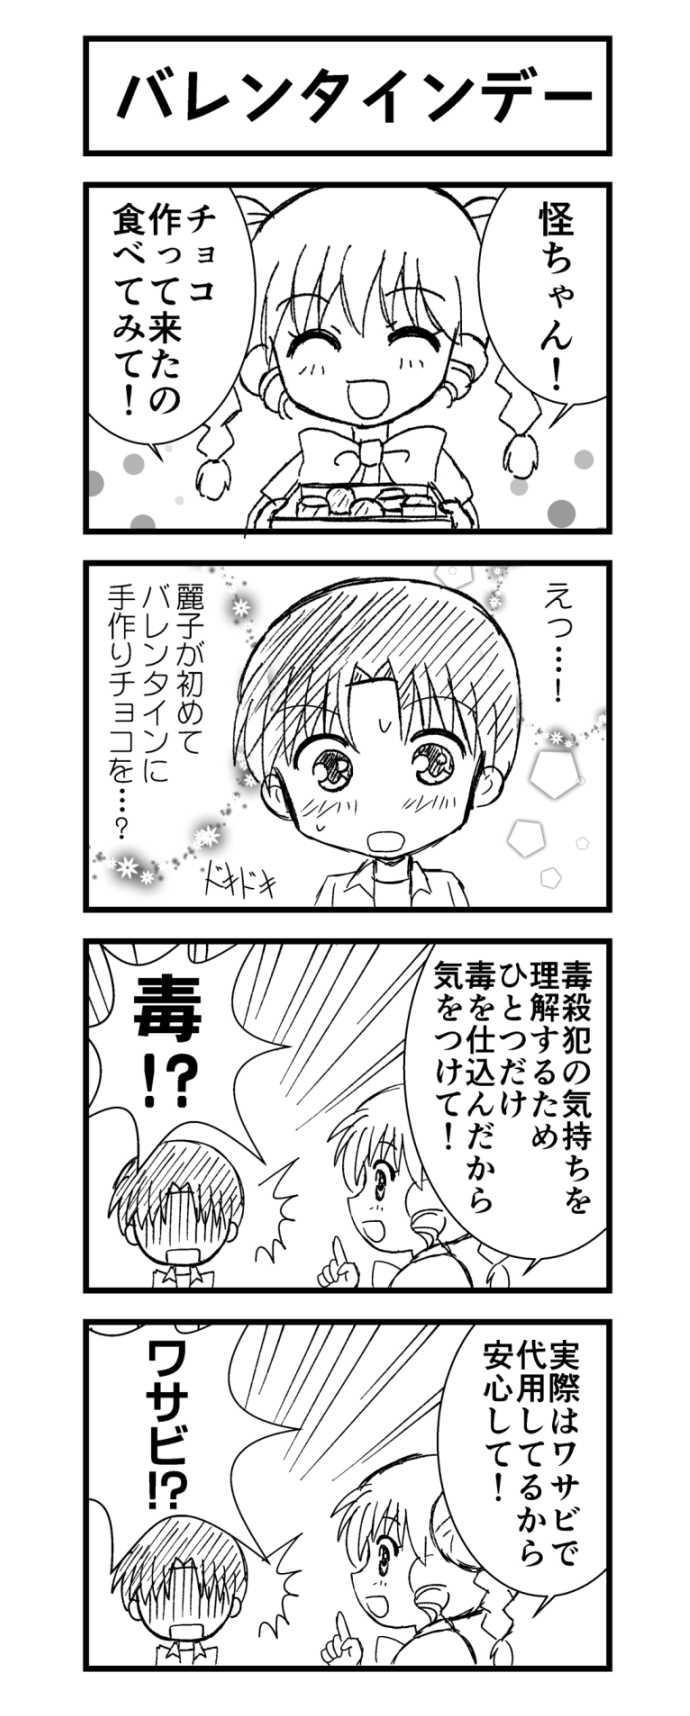 【番外編】バレンタインデー